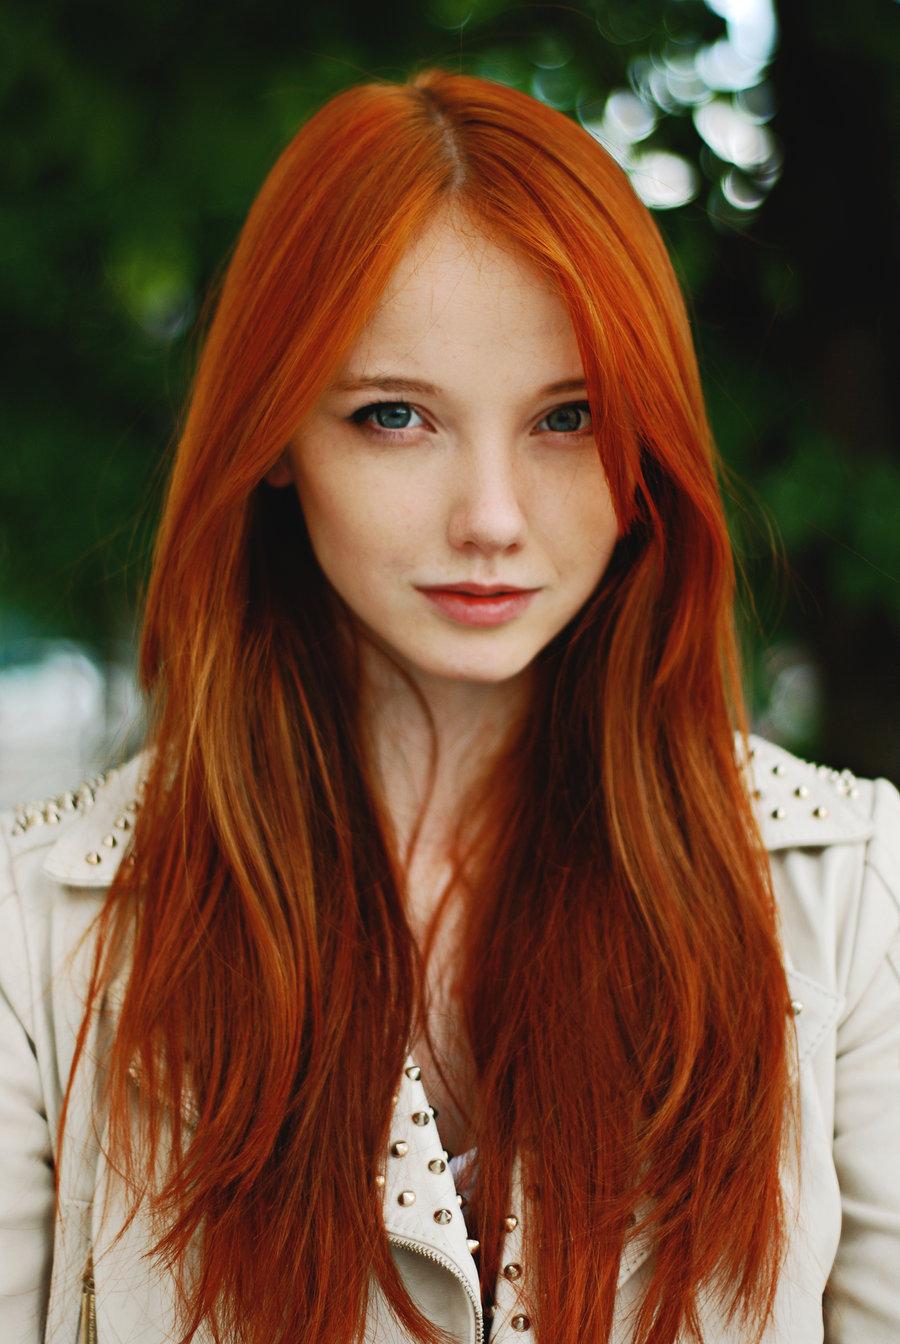 Самые красивые фото рыжих девушек в россии 24 фотография